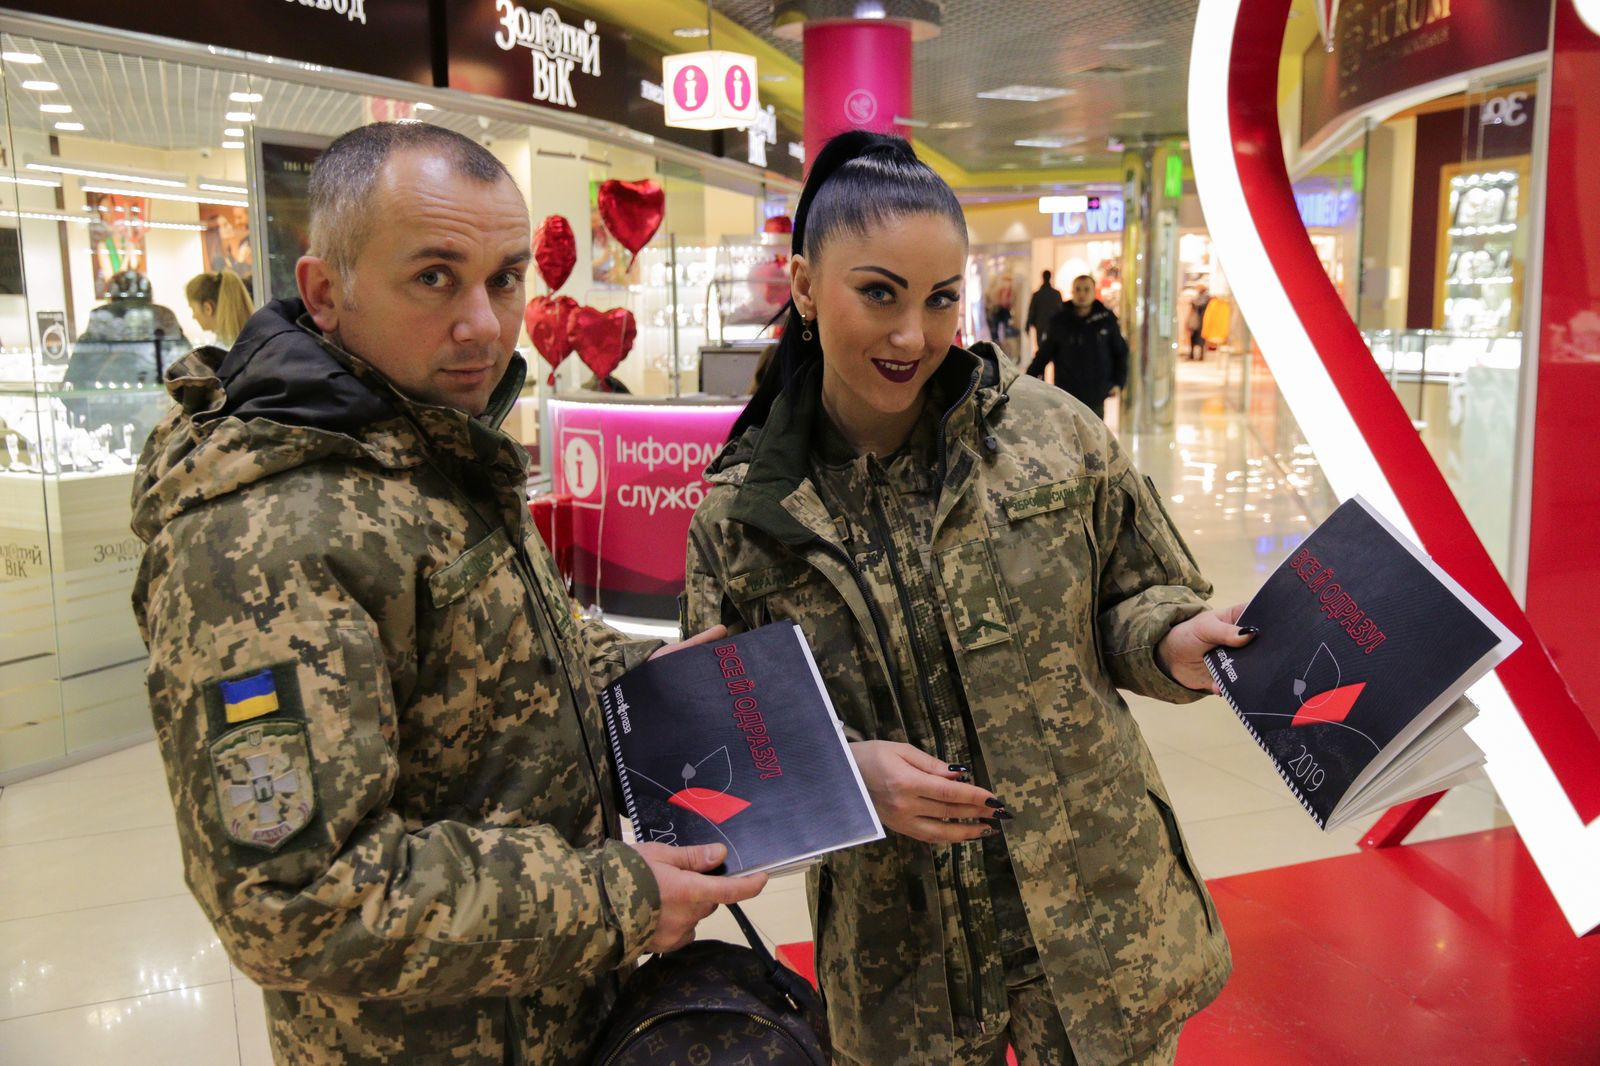 У ТРЦ фотографувалися закохані пари військовослужбовців